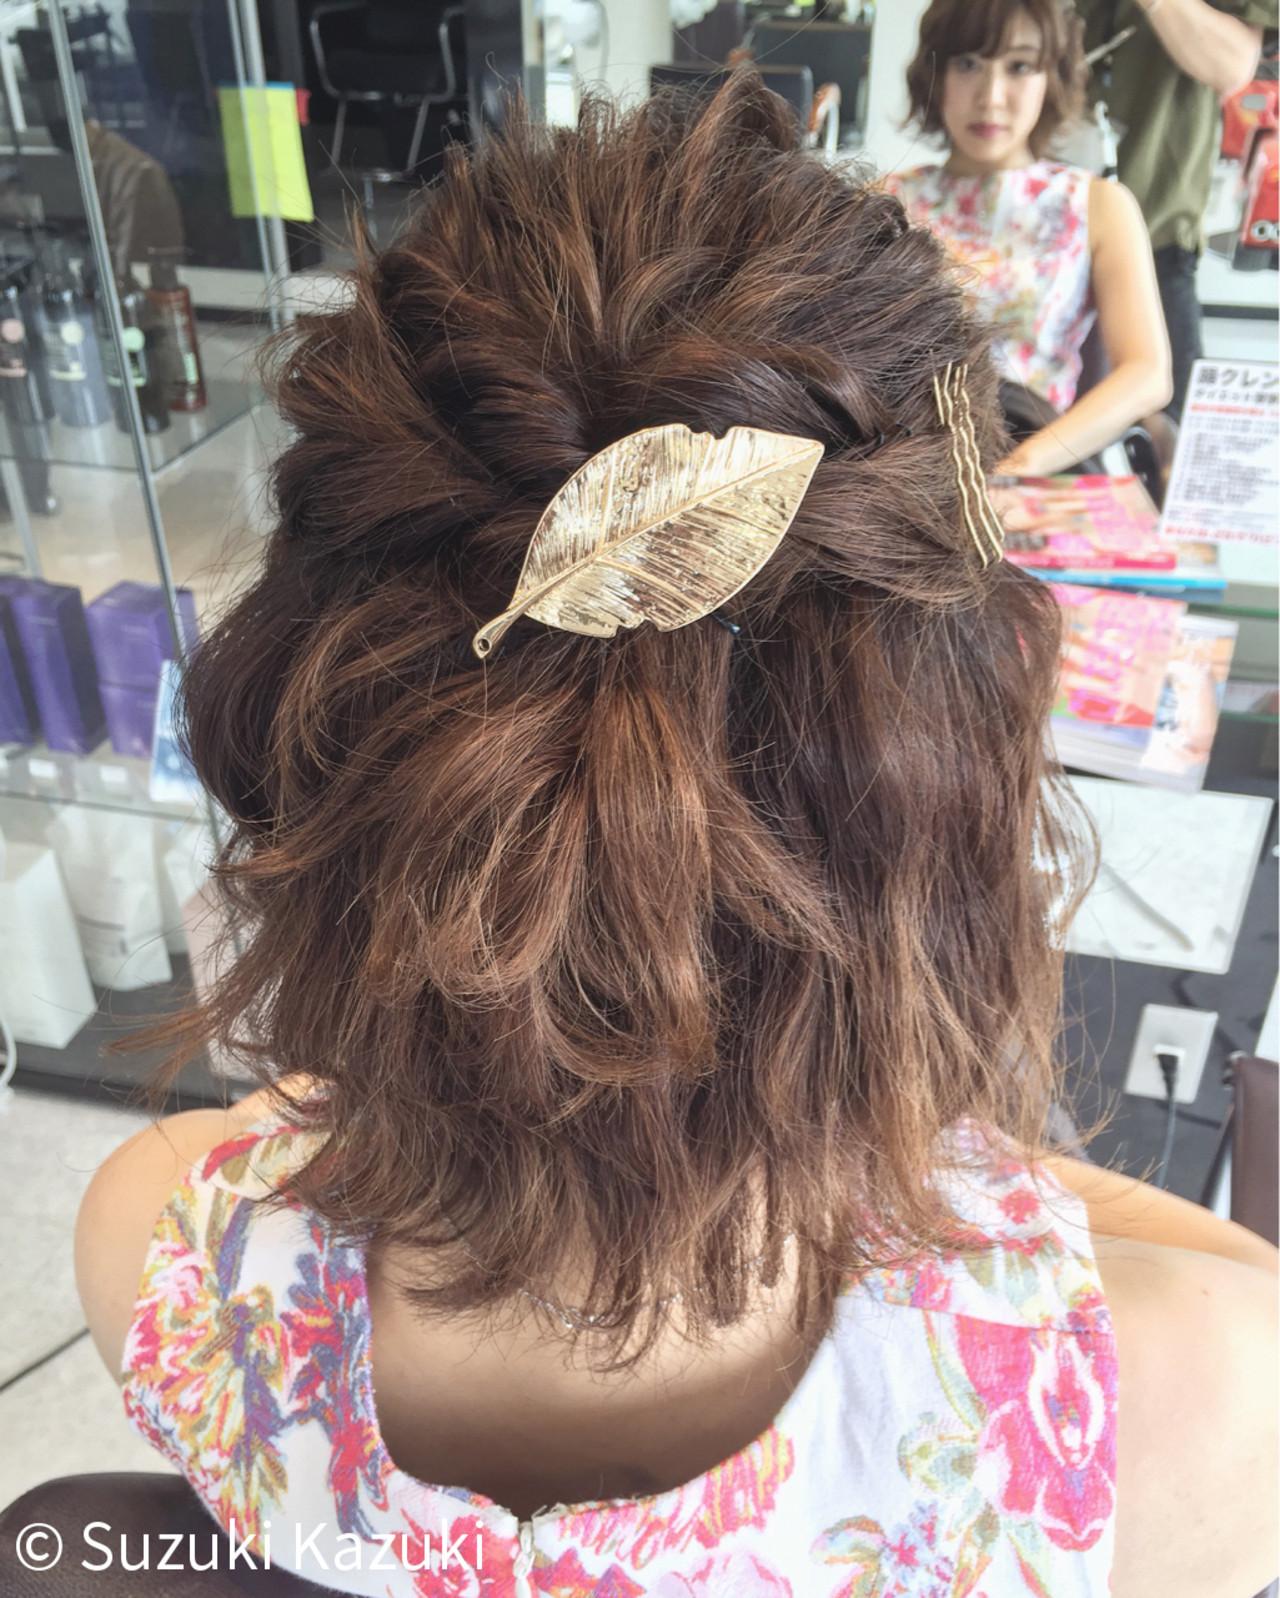 ボブ 花嫁 結婚式 ブライダル ヘアスタイルや髪型の写真・画像